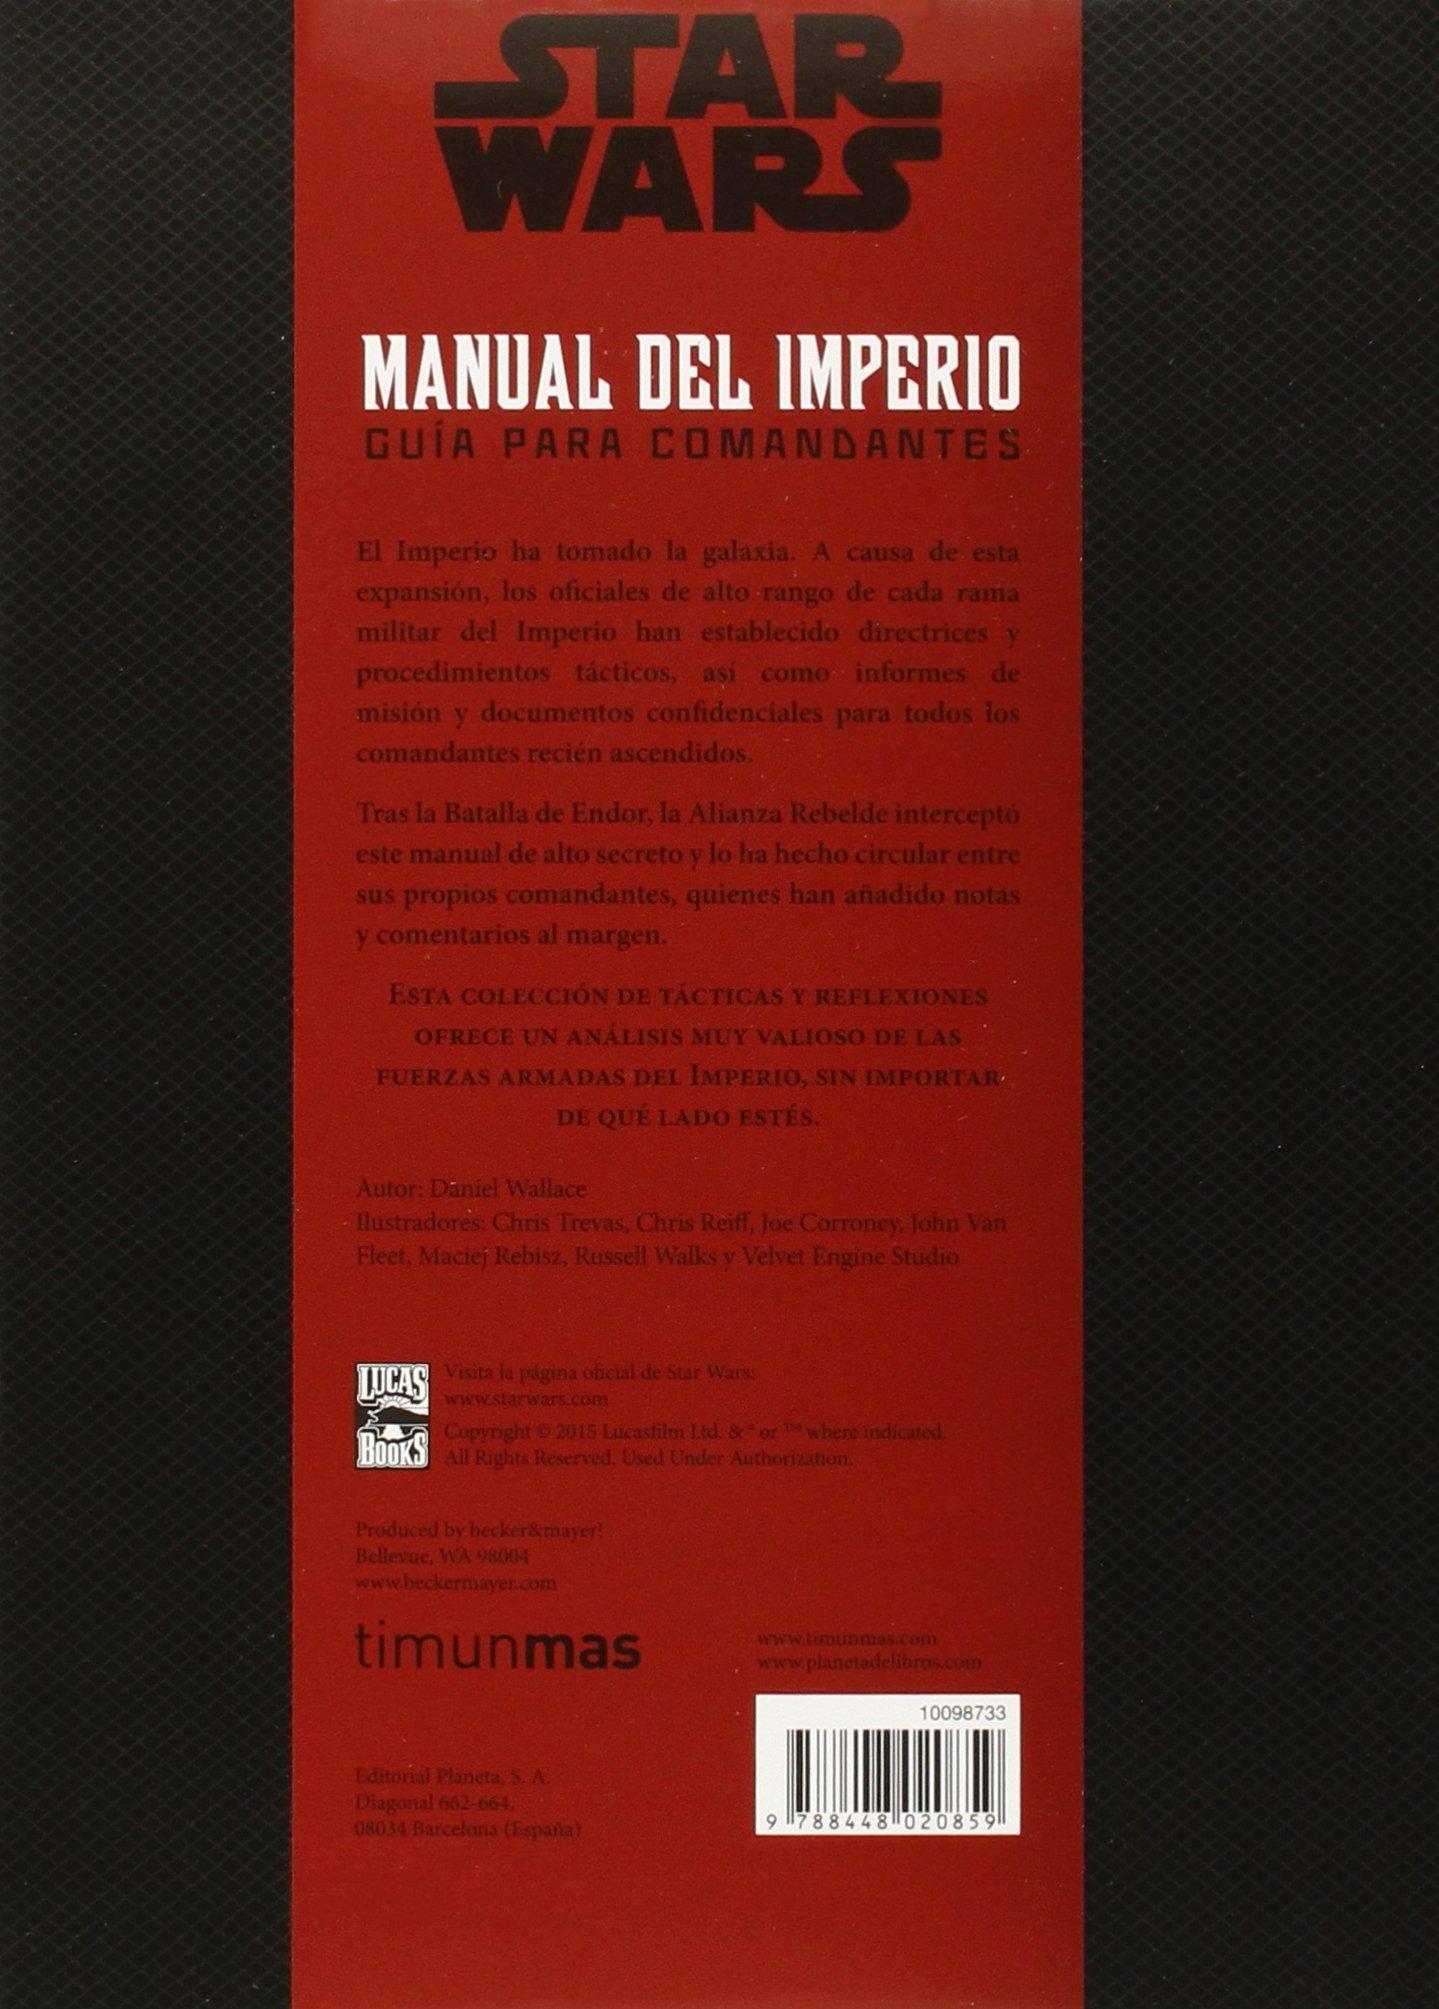 Manual del Imperio (Star Wars Ilustrados): Amazon.es: Wallace, Daniel, Traducciones Imposibles S. L.: Libros